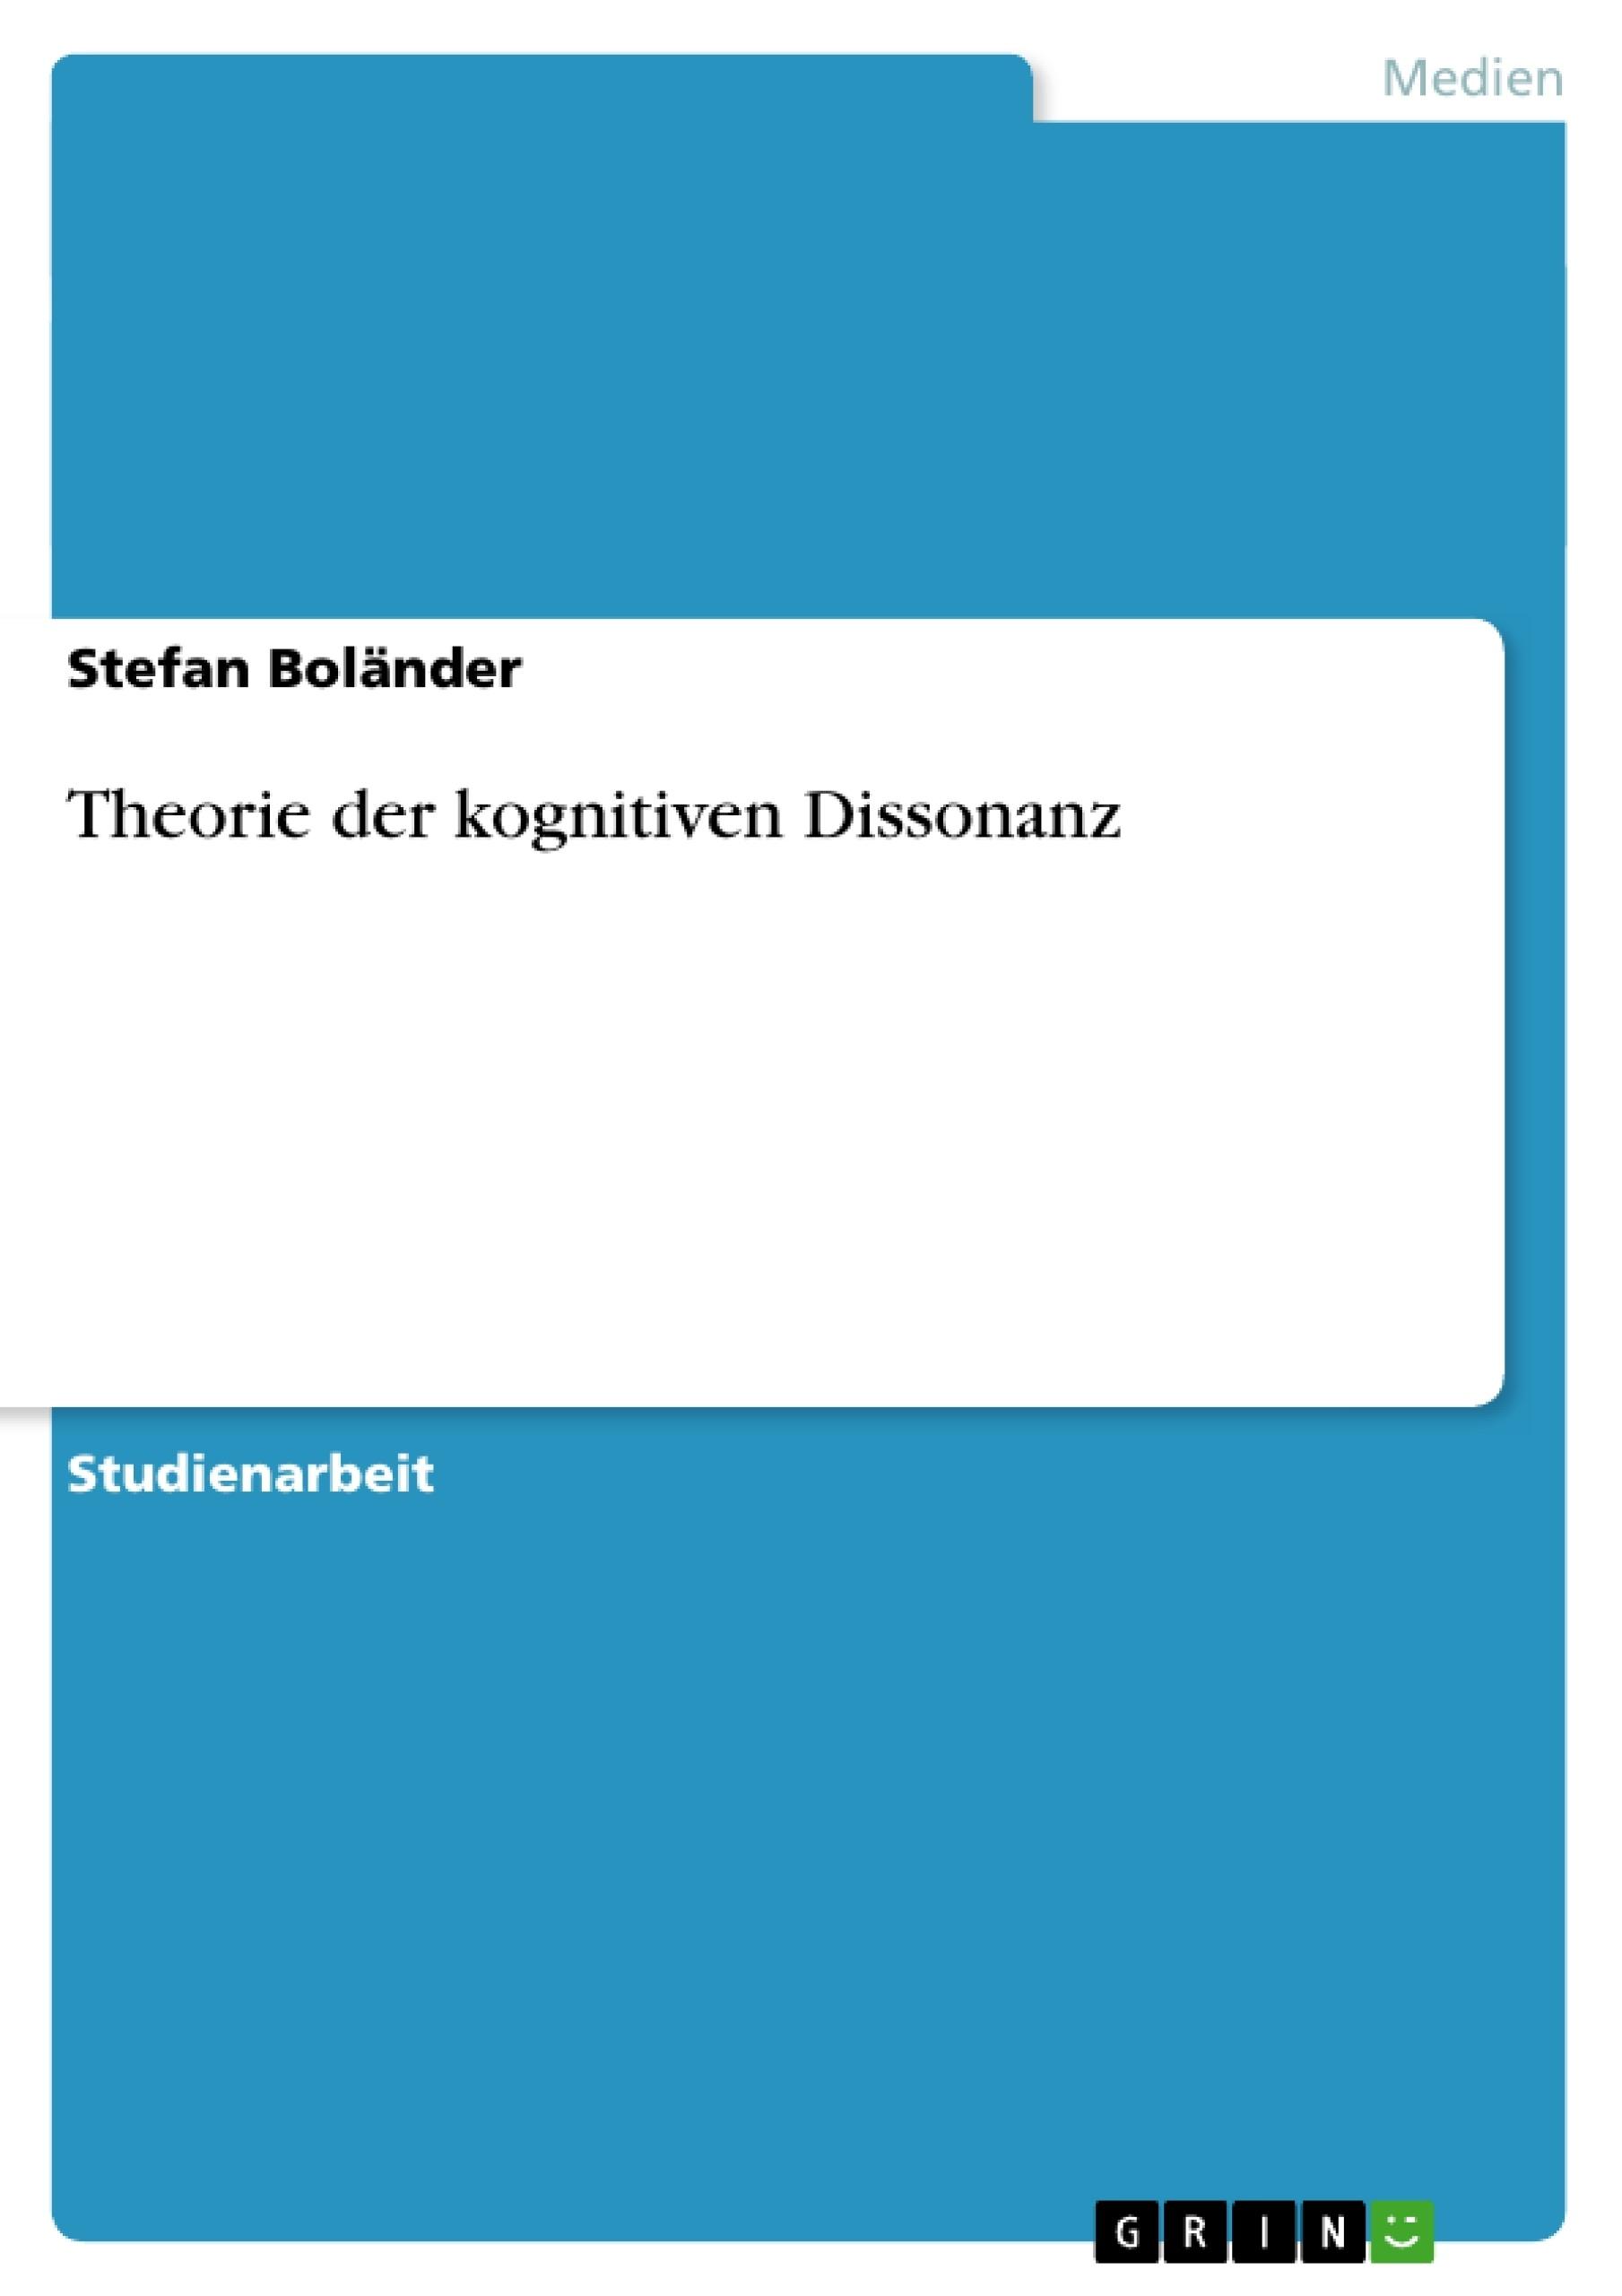 Titel: Theorie der kognitiven Dissonanz